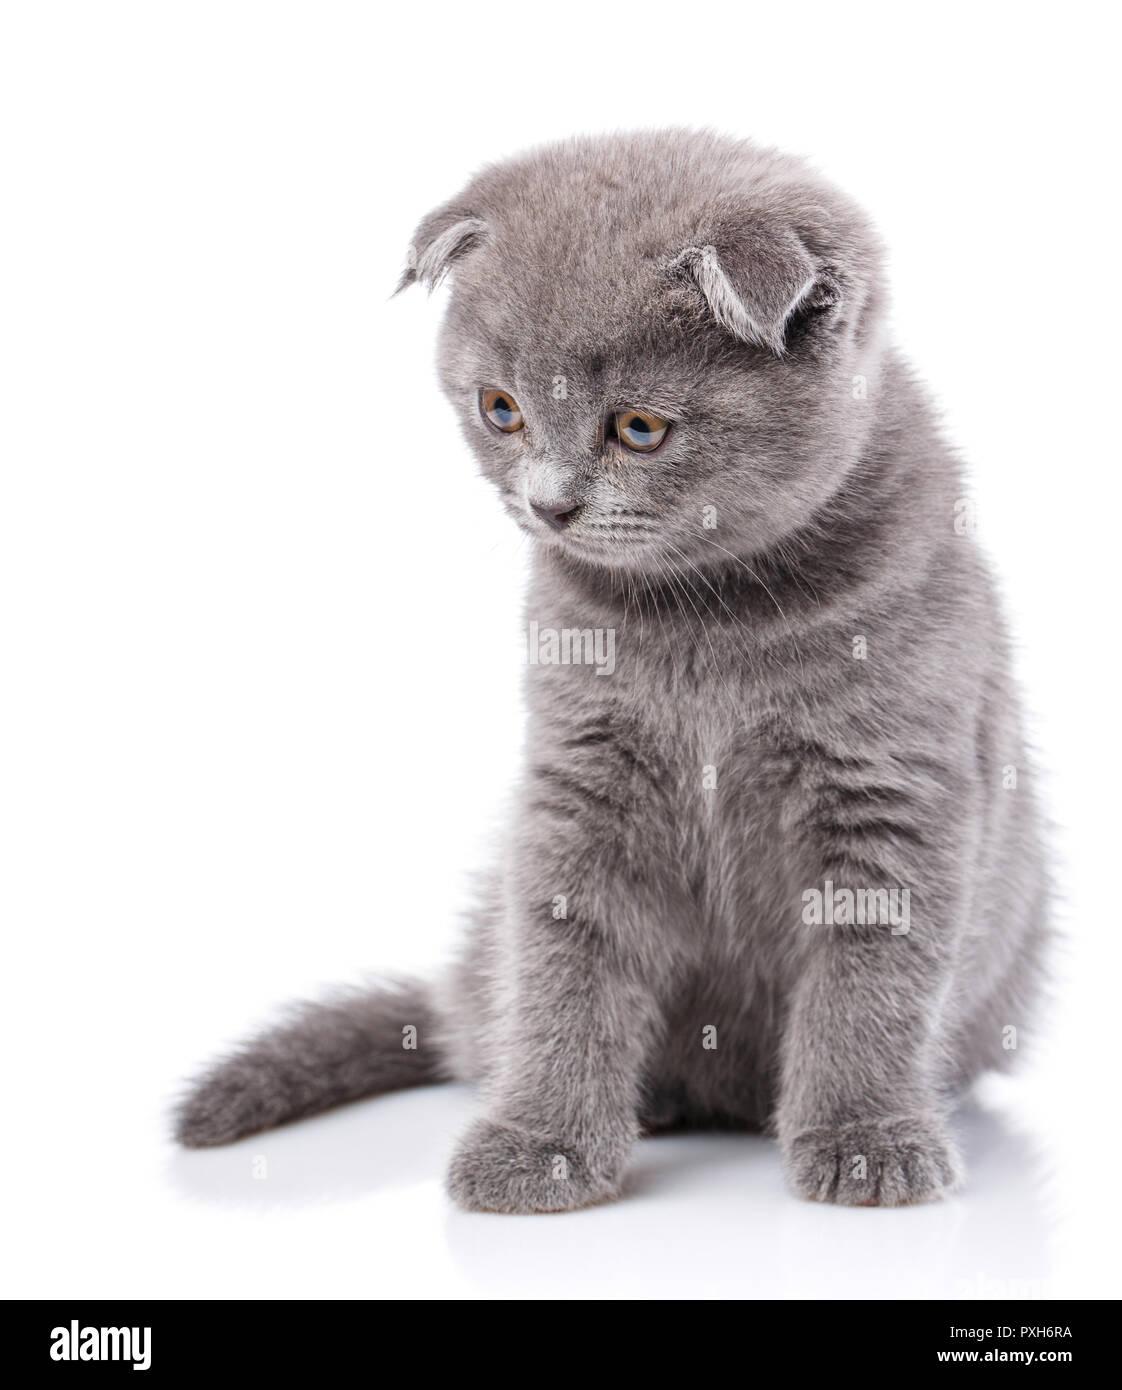 Iso kitten